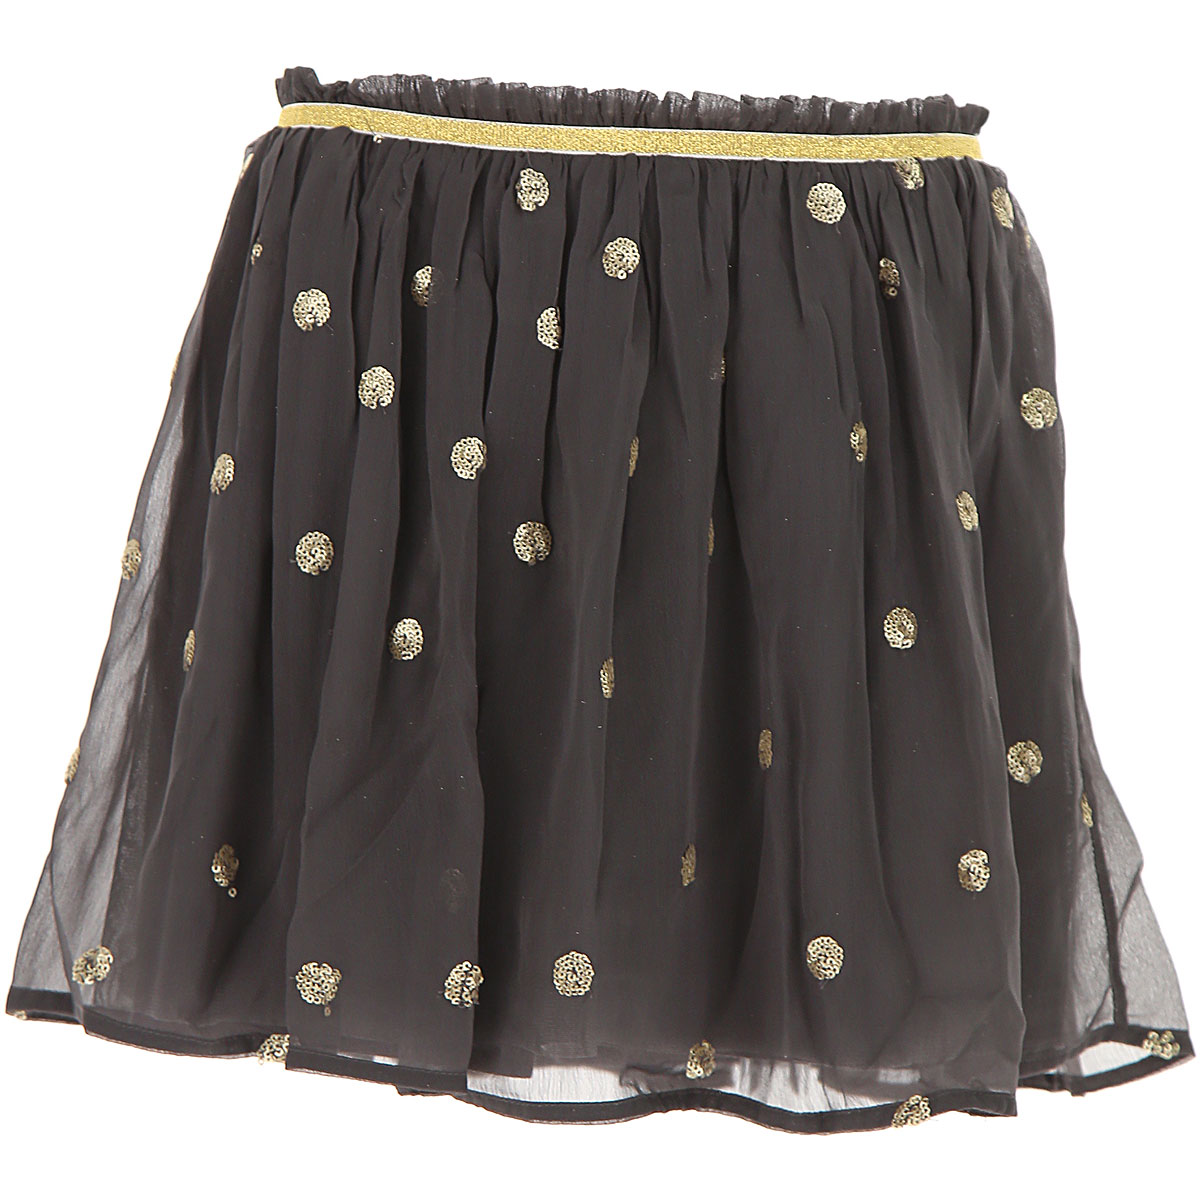 Image of Billieblush Kids Skirts for Girls, Grey, polyester, 2017, 10Y 2Y 4Y 5Y 6Y 8Y